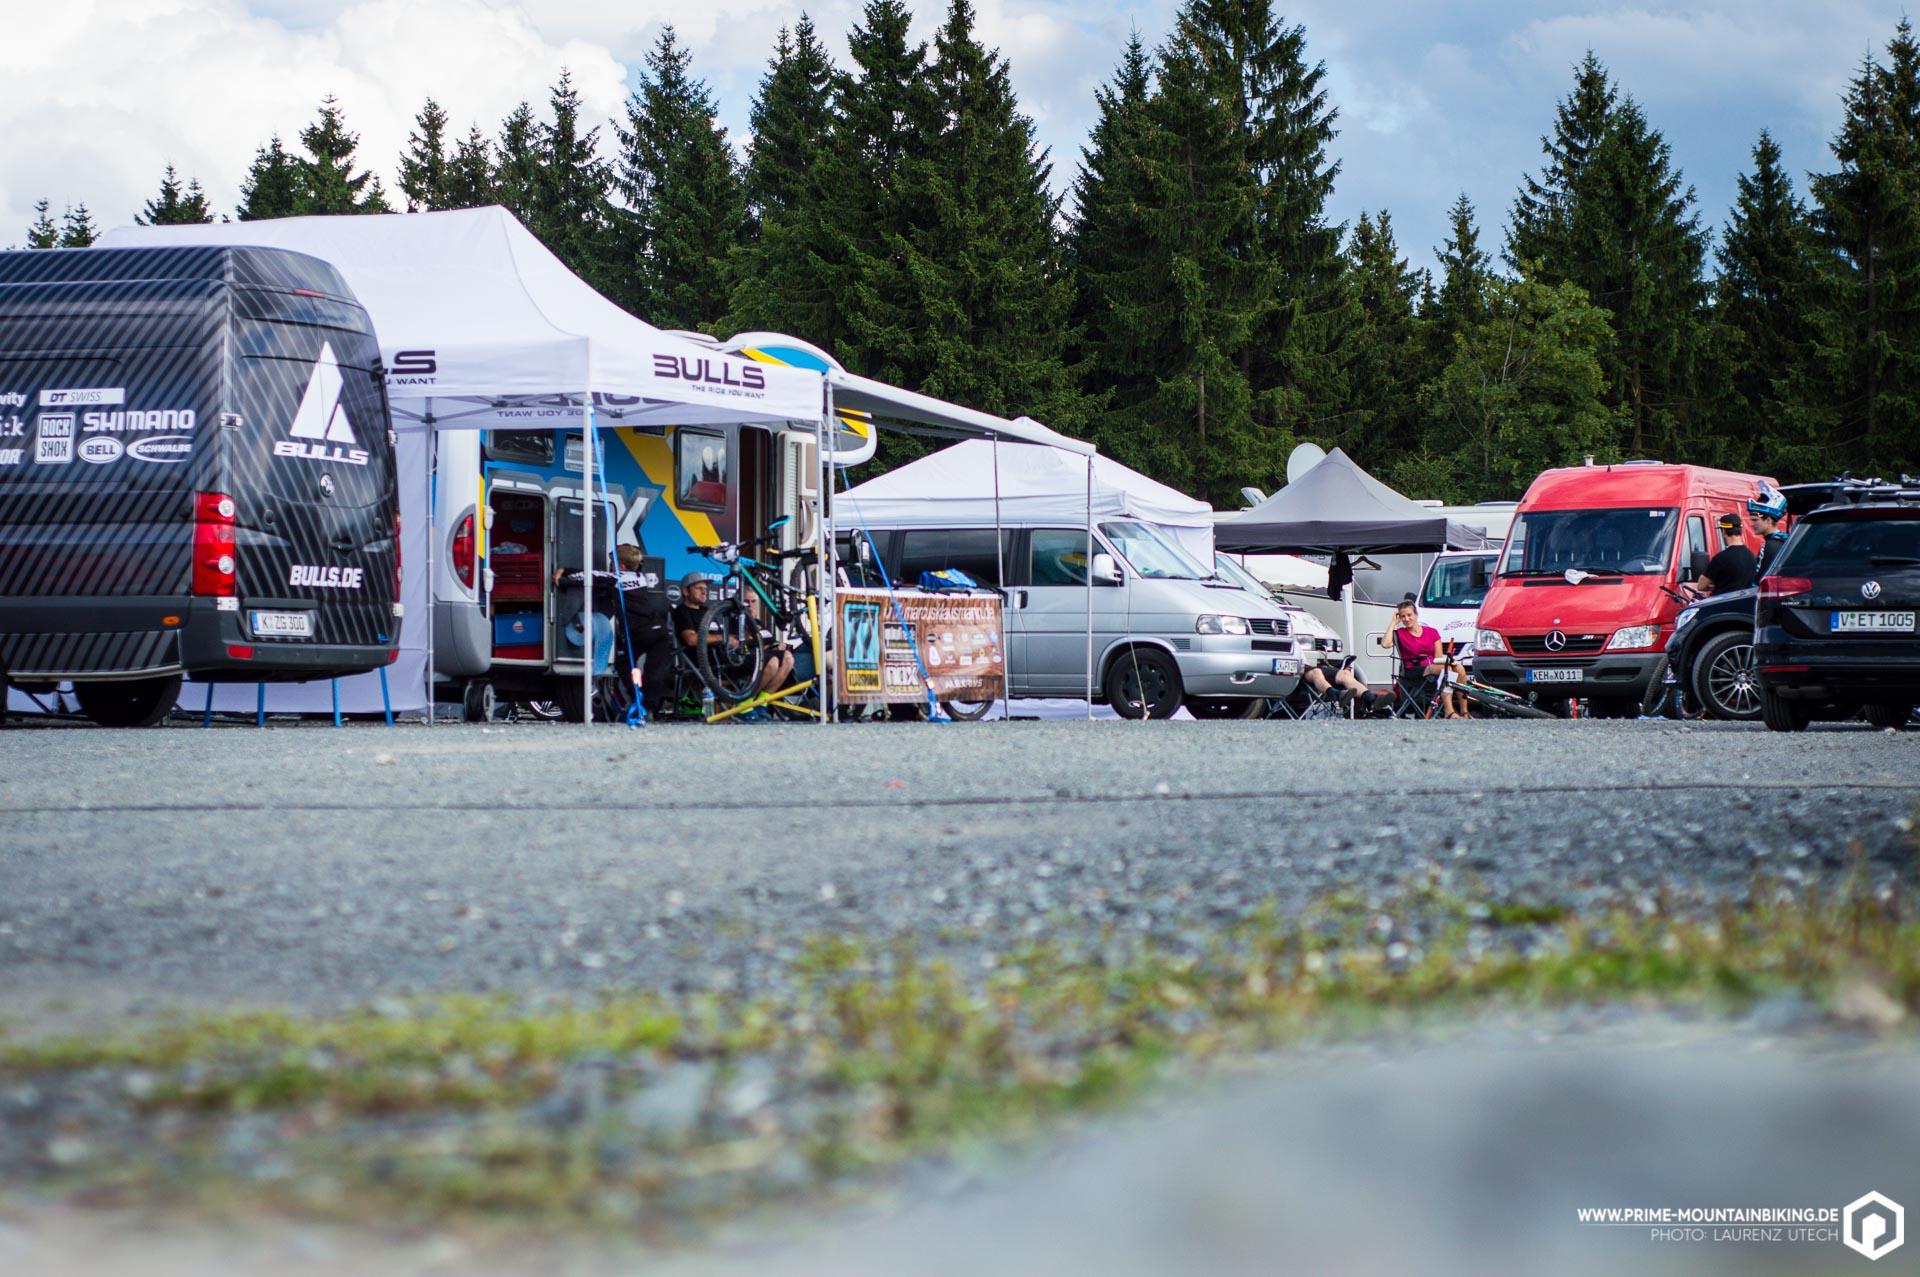 Typisch für die deutsche Szene mischten sich im Fahrerlager Pro- und Hobby-Camps, was zu einer familiären Atmosphäre beitrug.